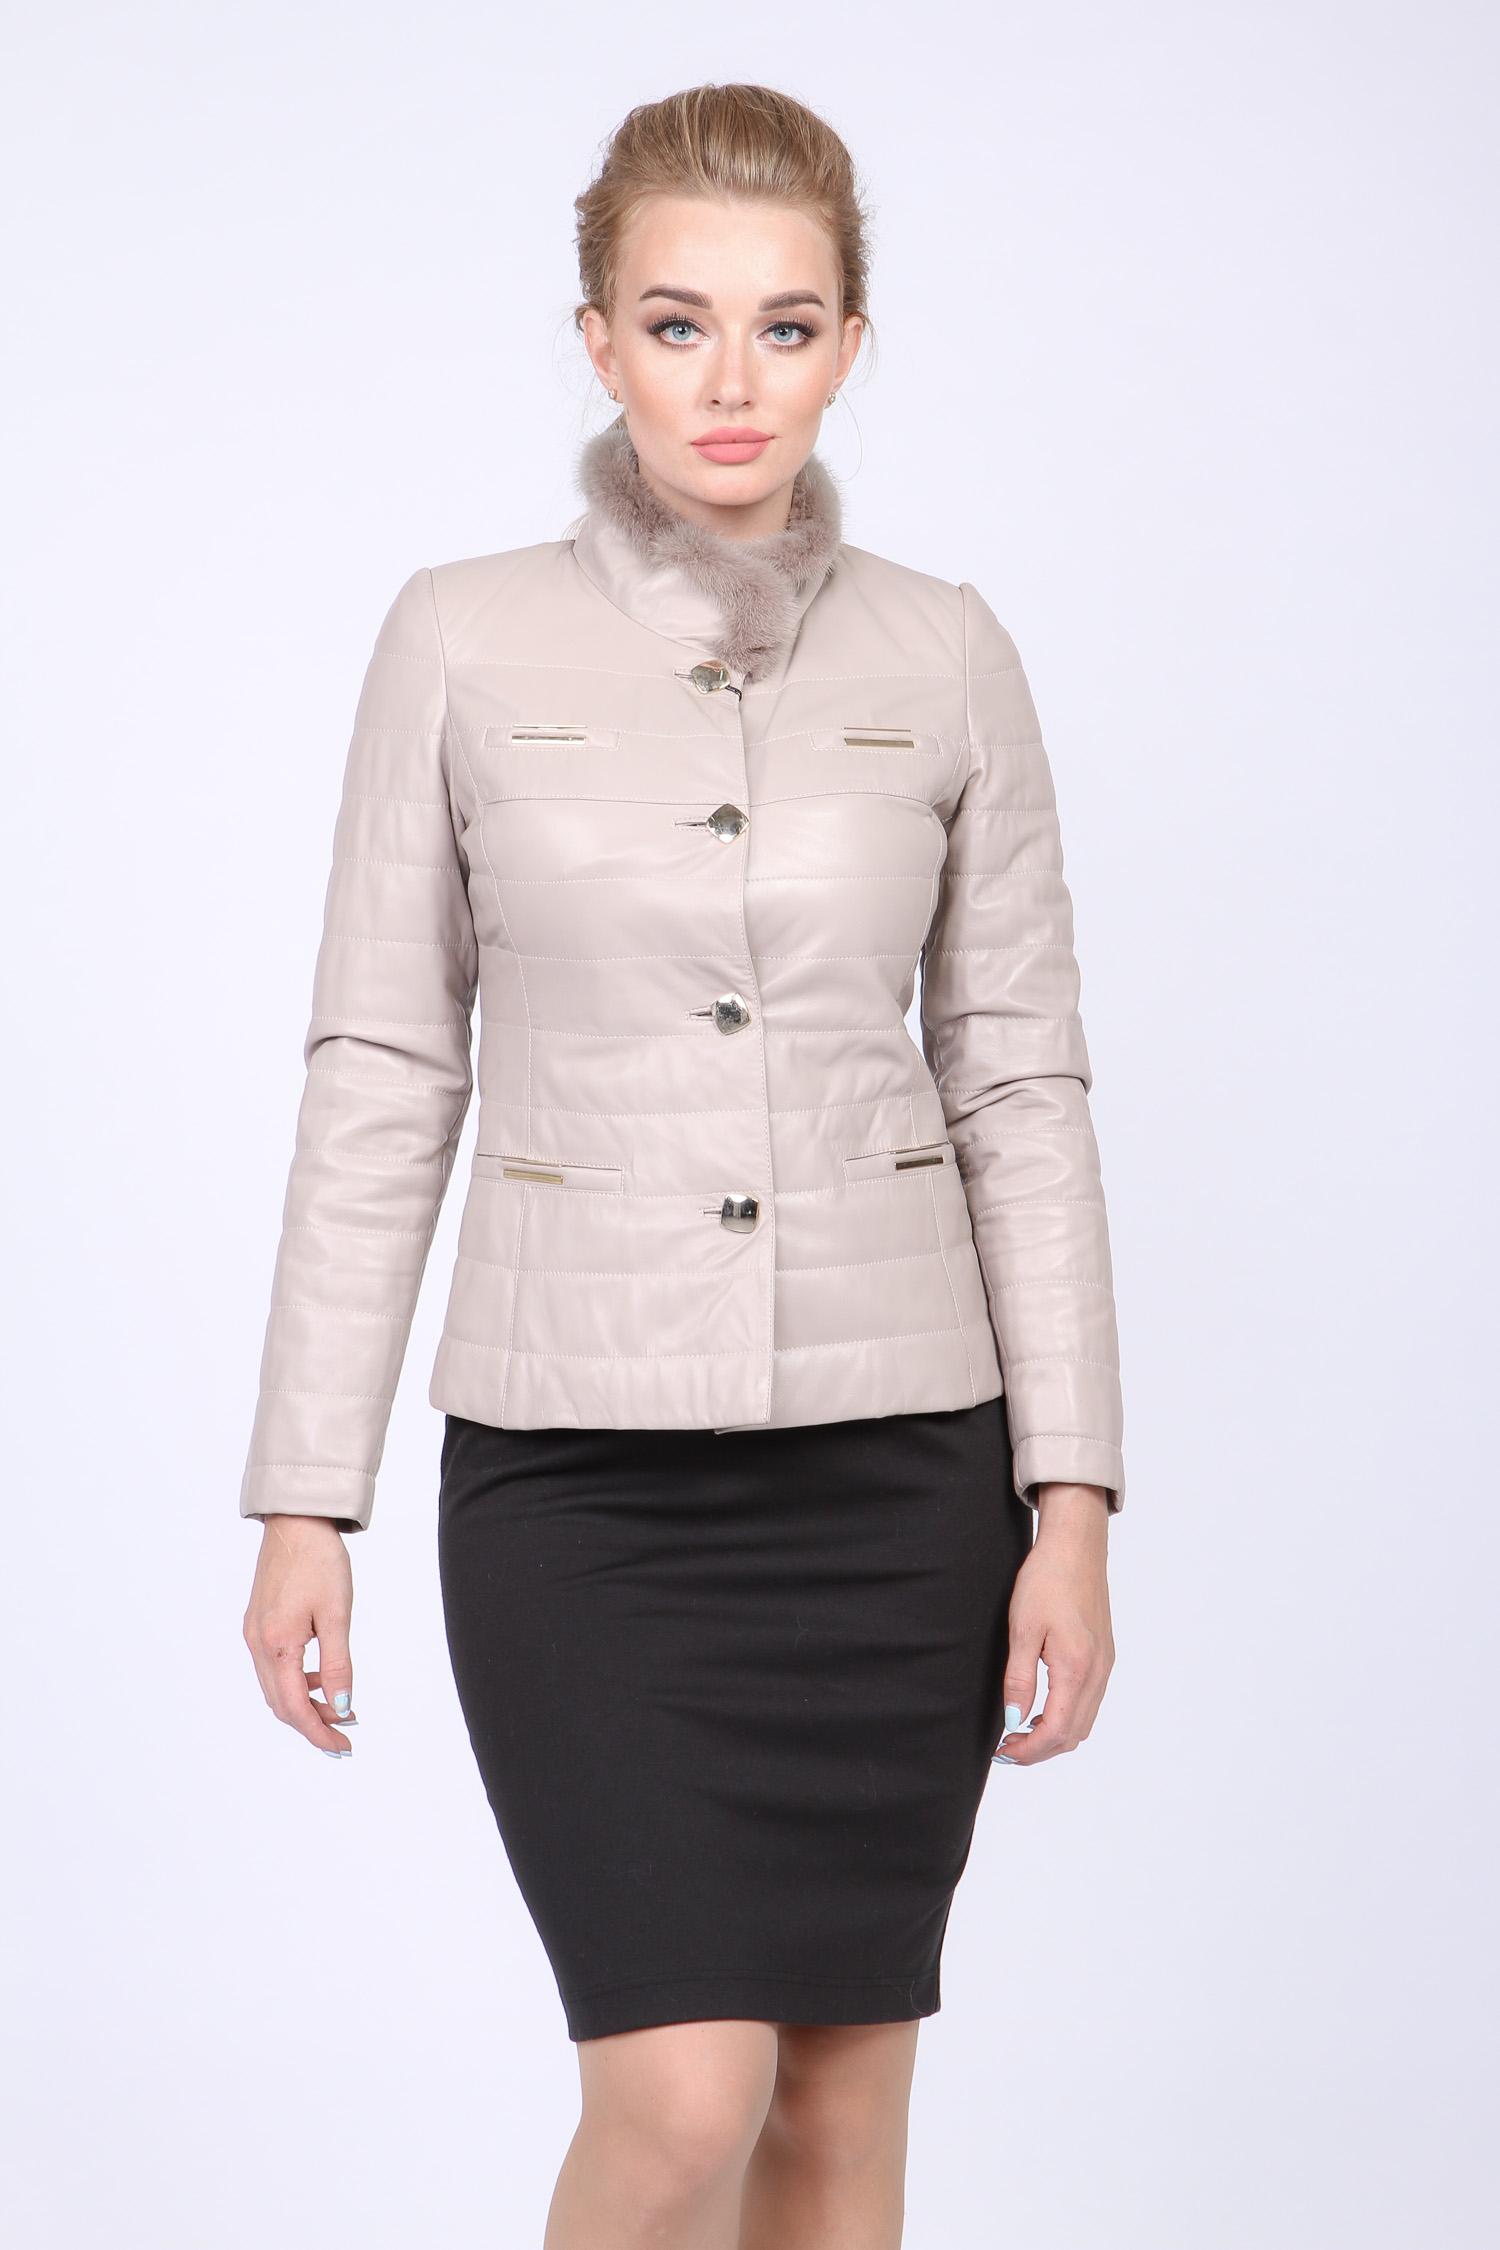 Купить со скидкой Женская кожаная куртка из натуральной кожи с воротником, отделка норка